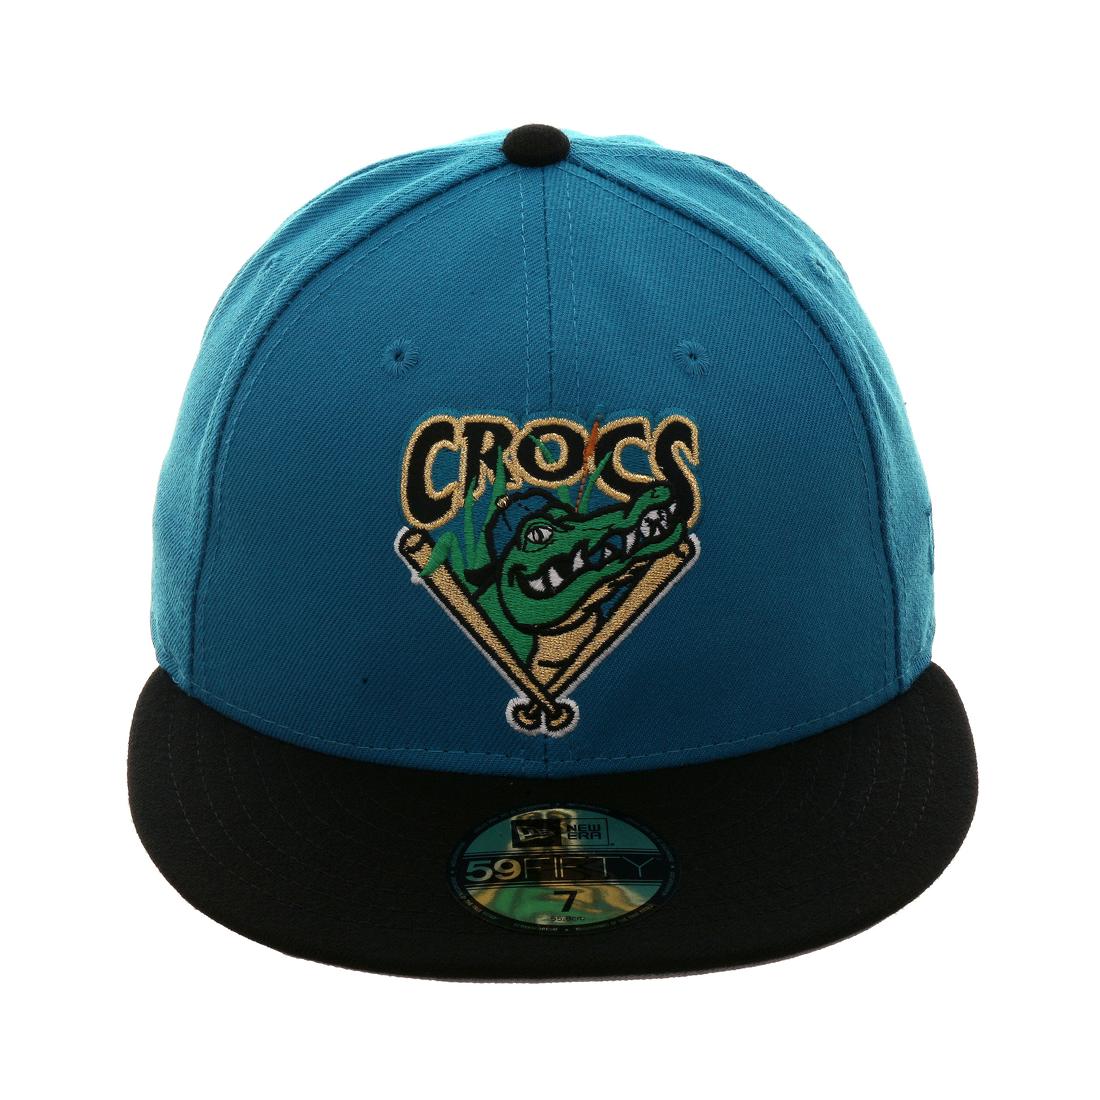 Exclusive New Era 59Fifty Cape Fear Crocs Hat - 2T Teal 3dbb34183b75